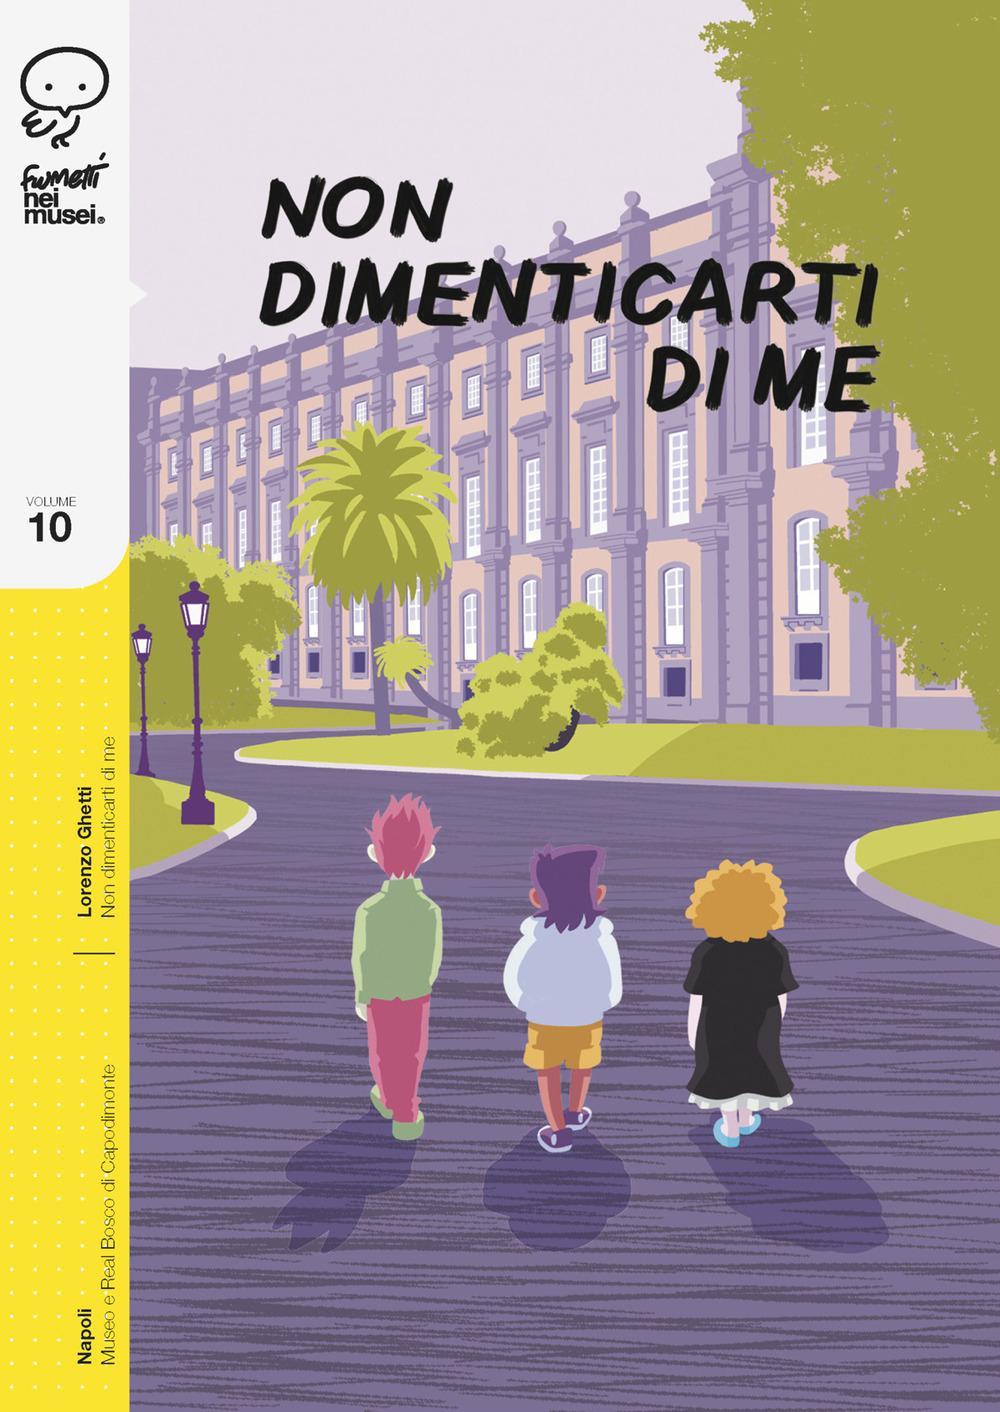 NON DIMENTICARTI DI ME vol.10 - Lorenzo Ghetti - 9788876184802